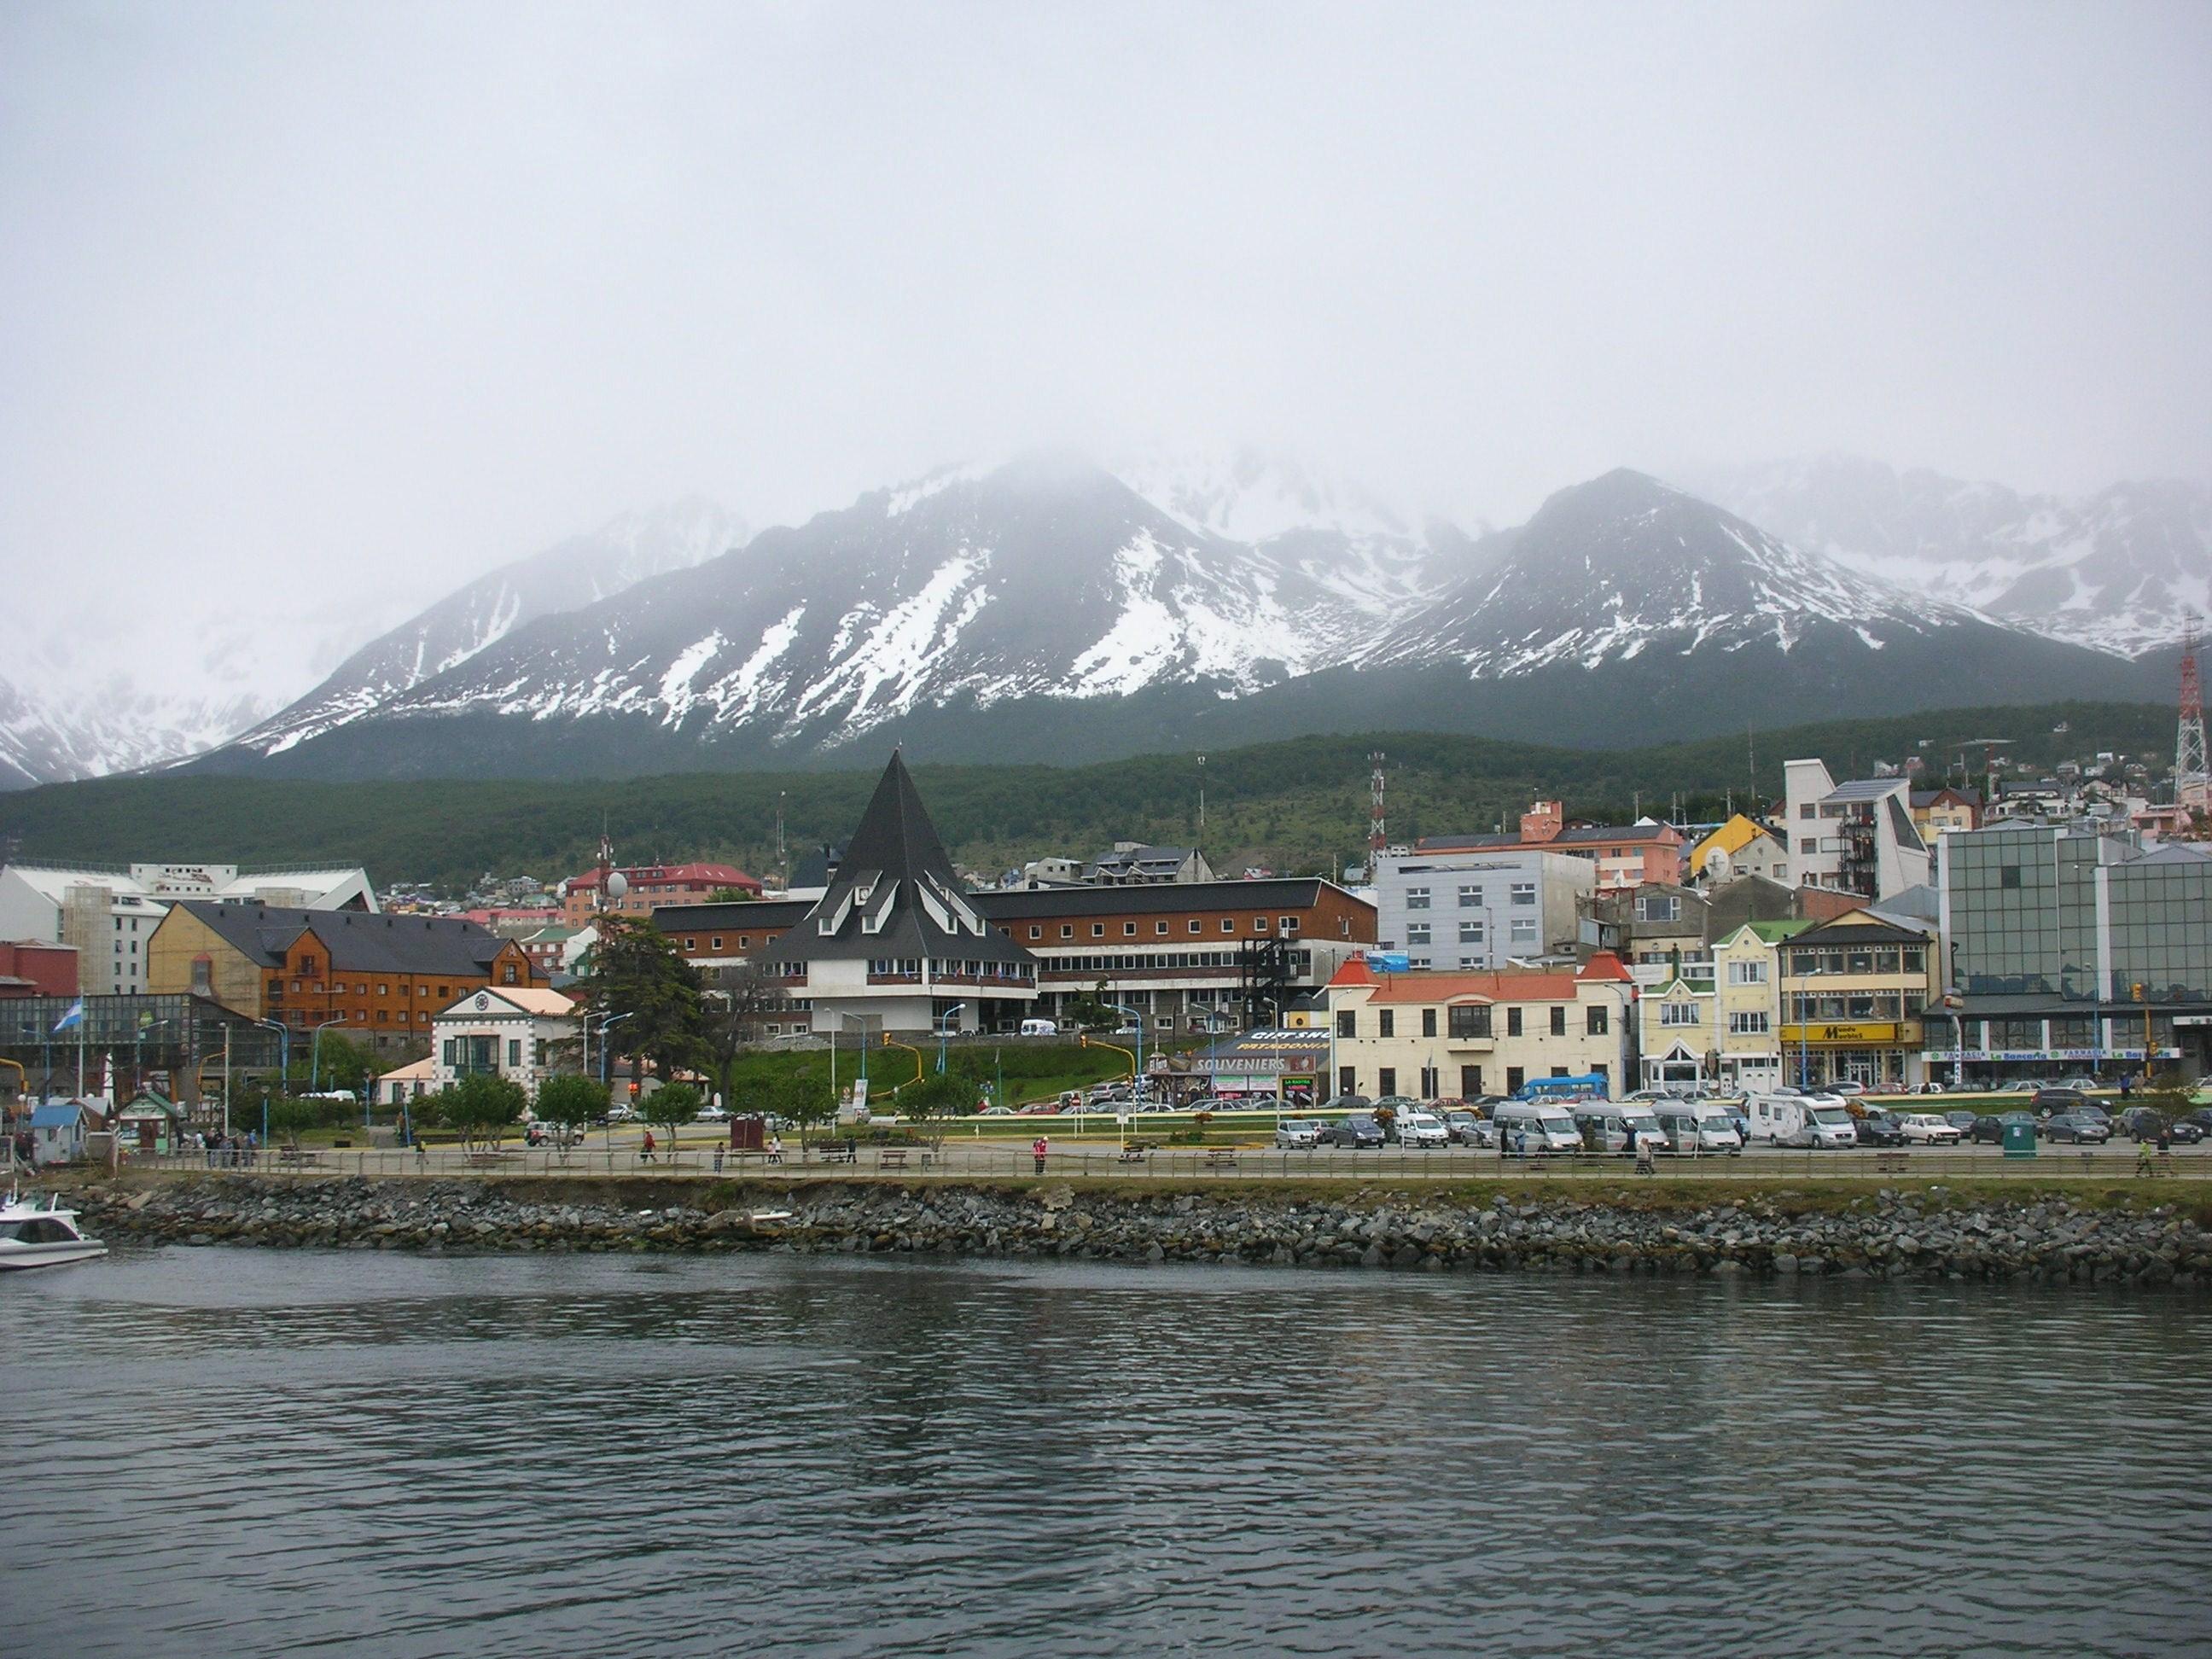 Ushuaia ciudad, Tierra del Fuego Argentina